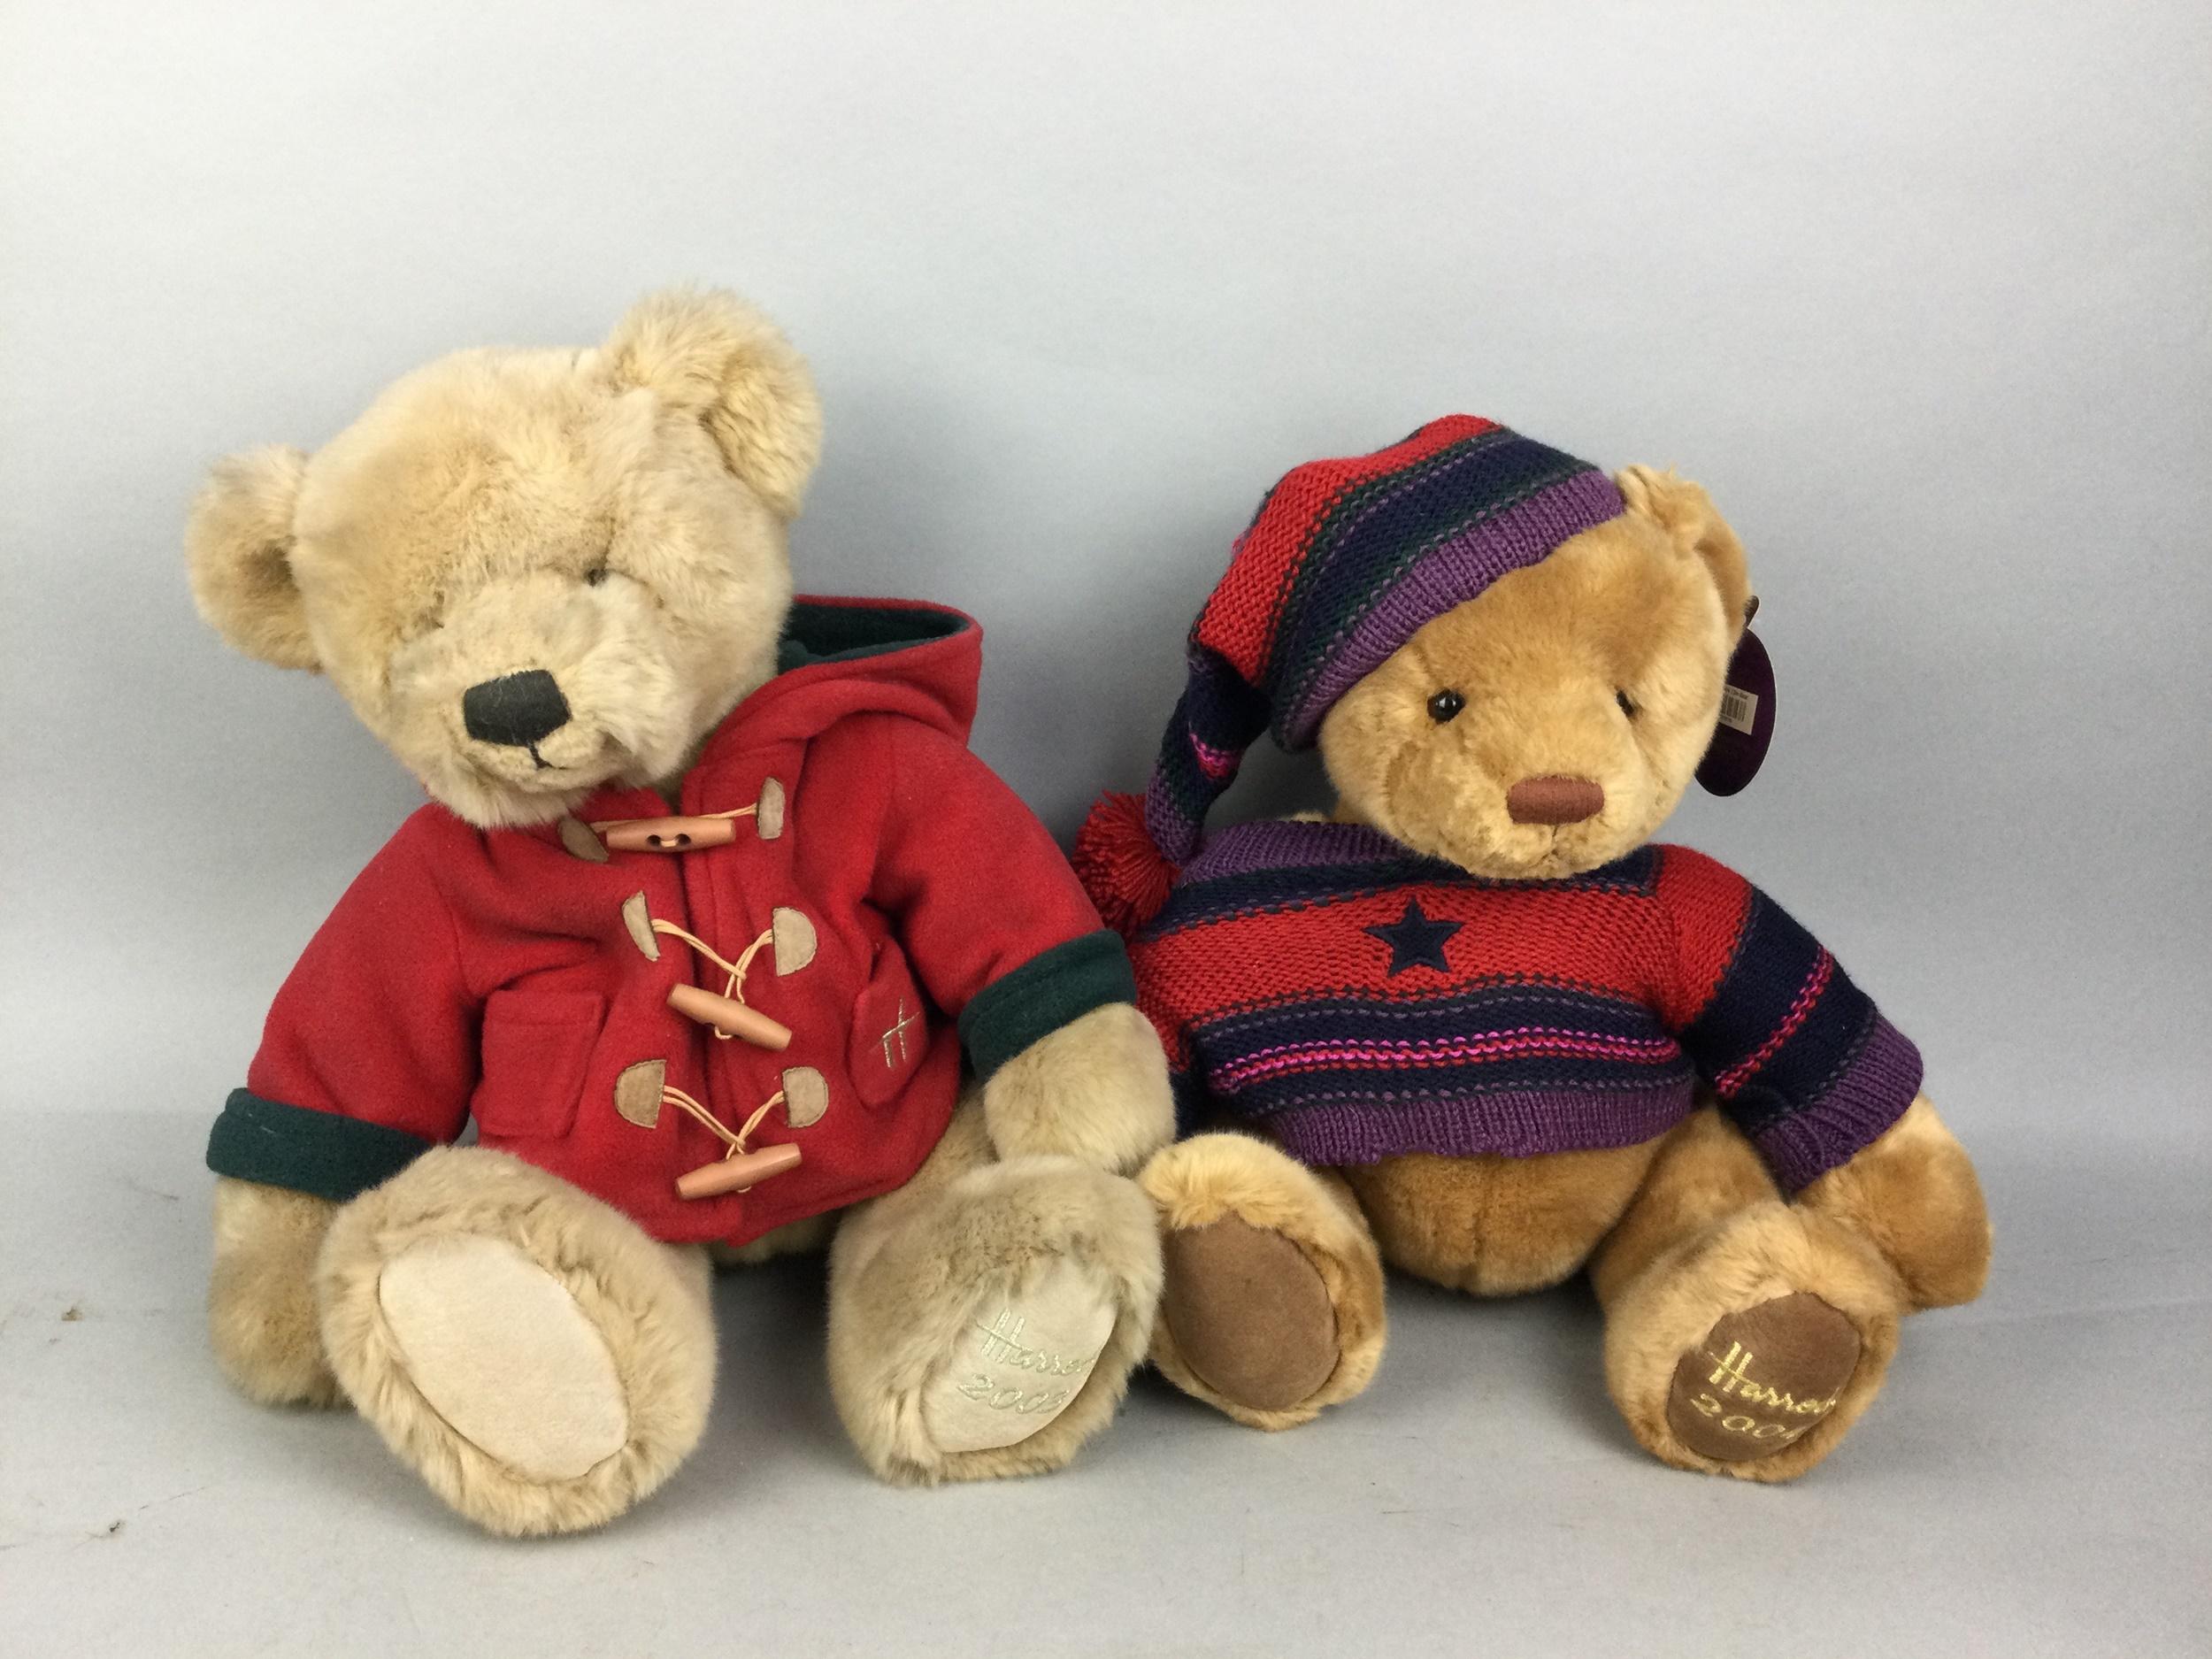 A LOT OF HARRODS STUFFED TEDDY BEARS